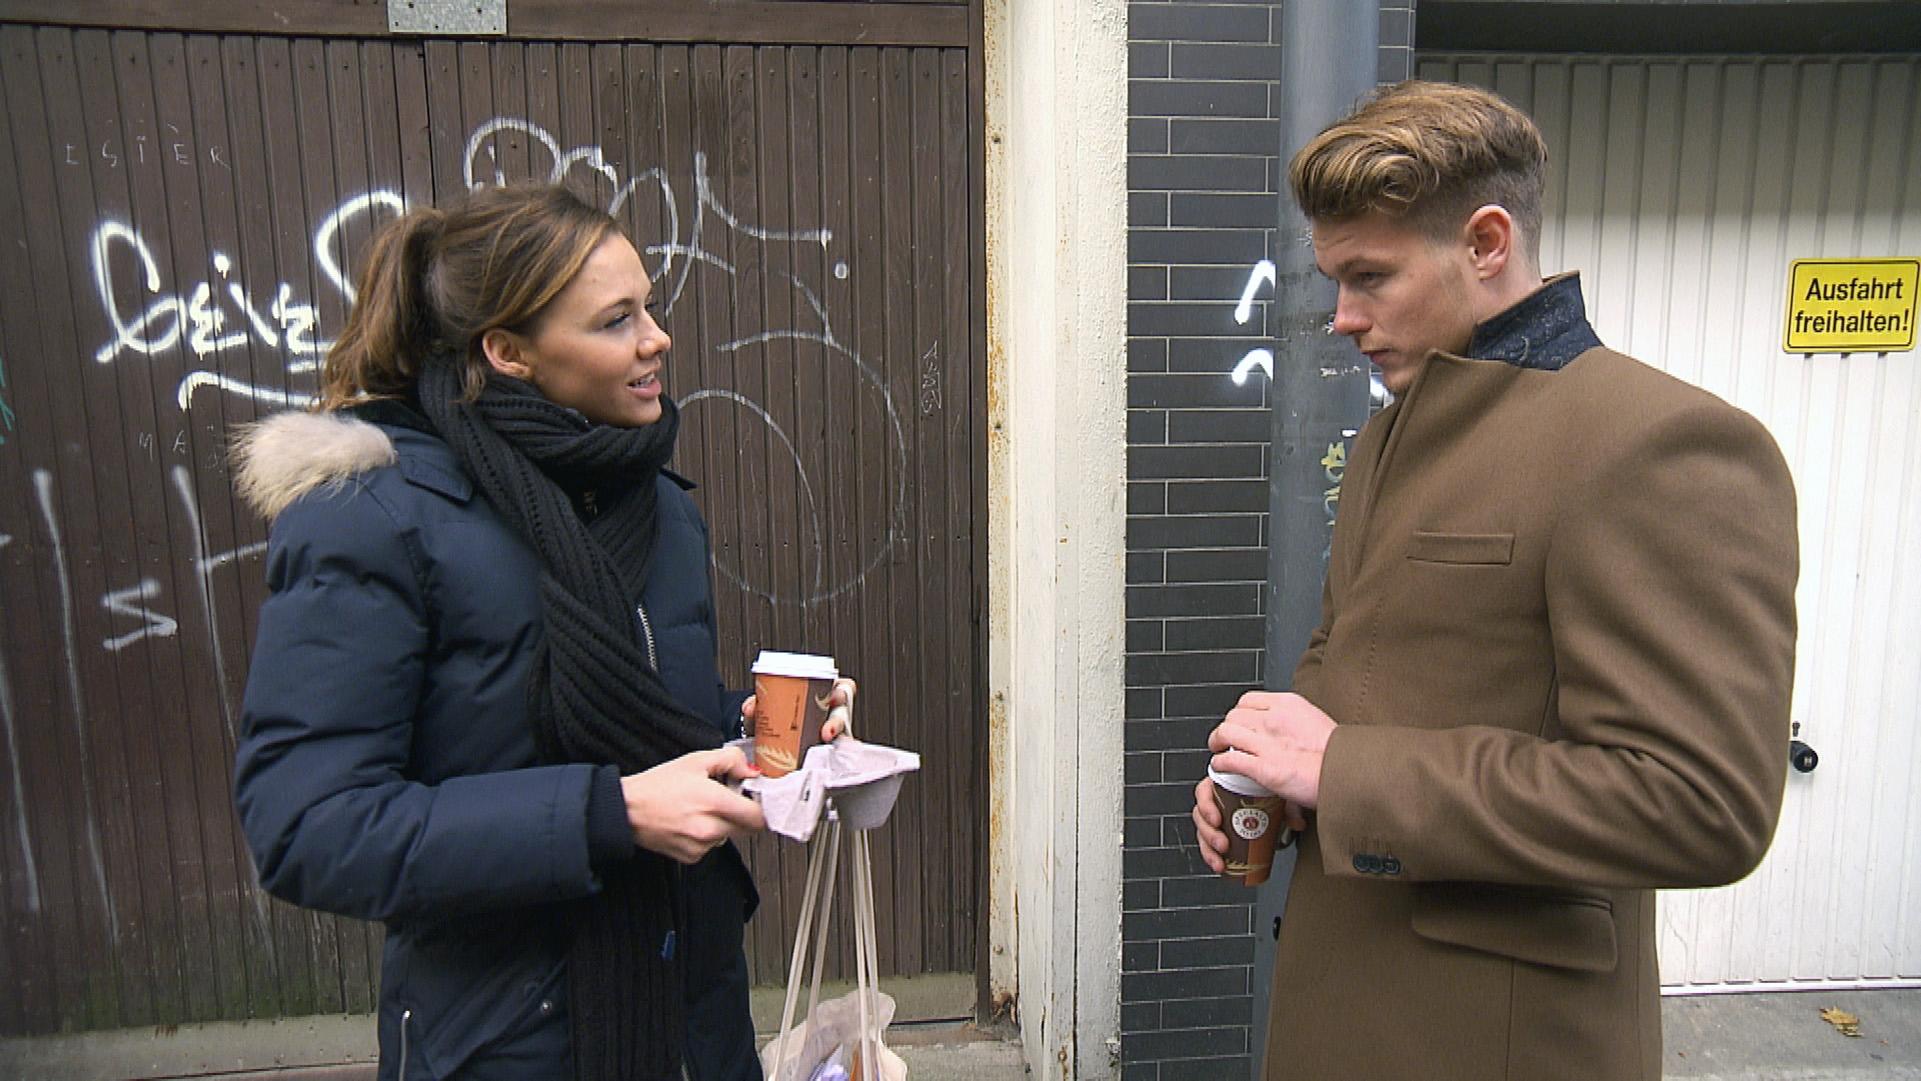 Anna muss traurig feststellen, dass die Kluft zwischen ihr und ihren Freunden unüberwindbar ist. Ausgerechnet Valentin hilft ihr in dieser schwierigen Zeit. (Quelle: RTL 2)